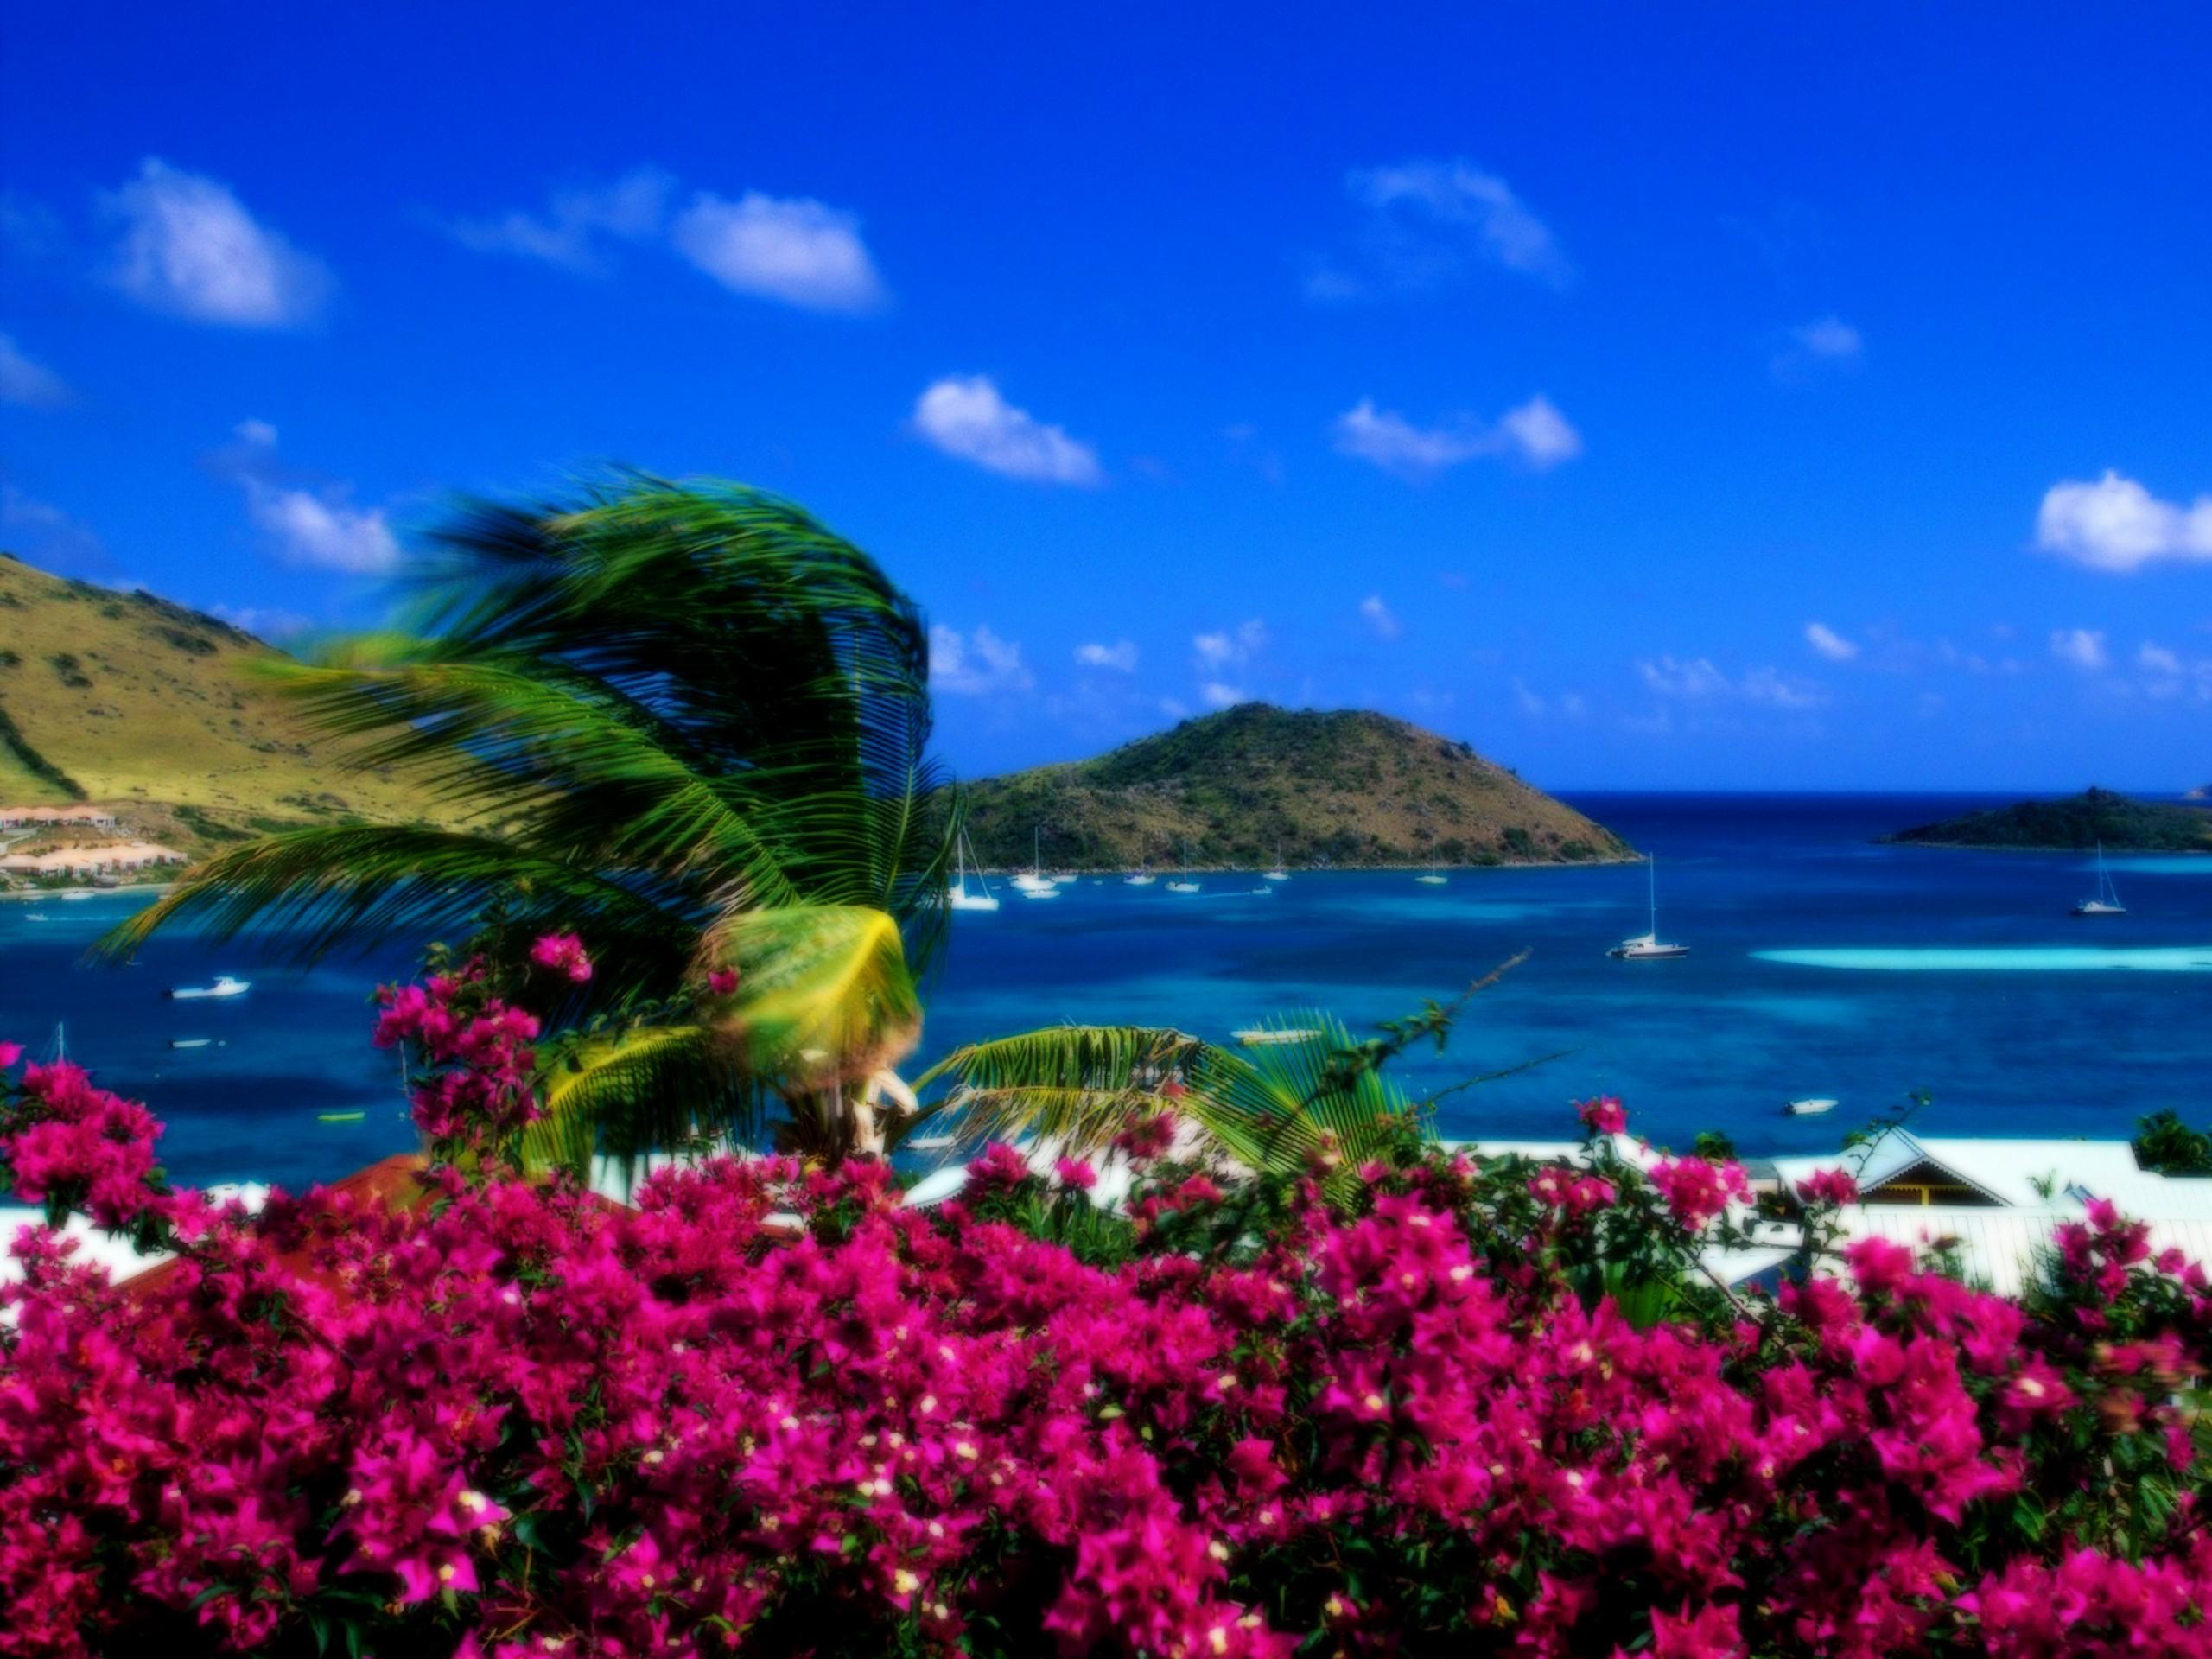 Landscapes Beach Wallpaper 2560x1920 Landscapes Beach Flowers Palm 2560x1920